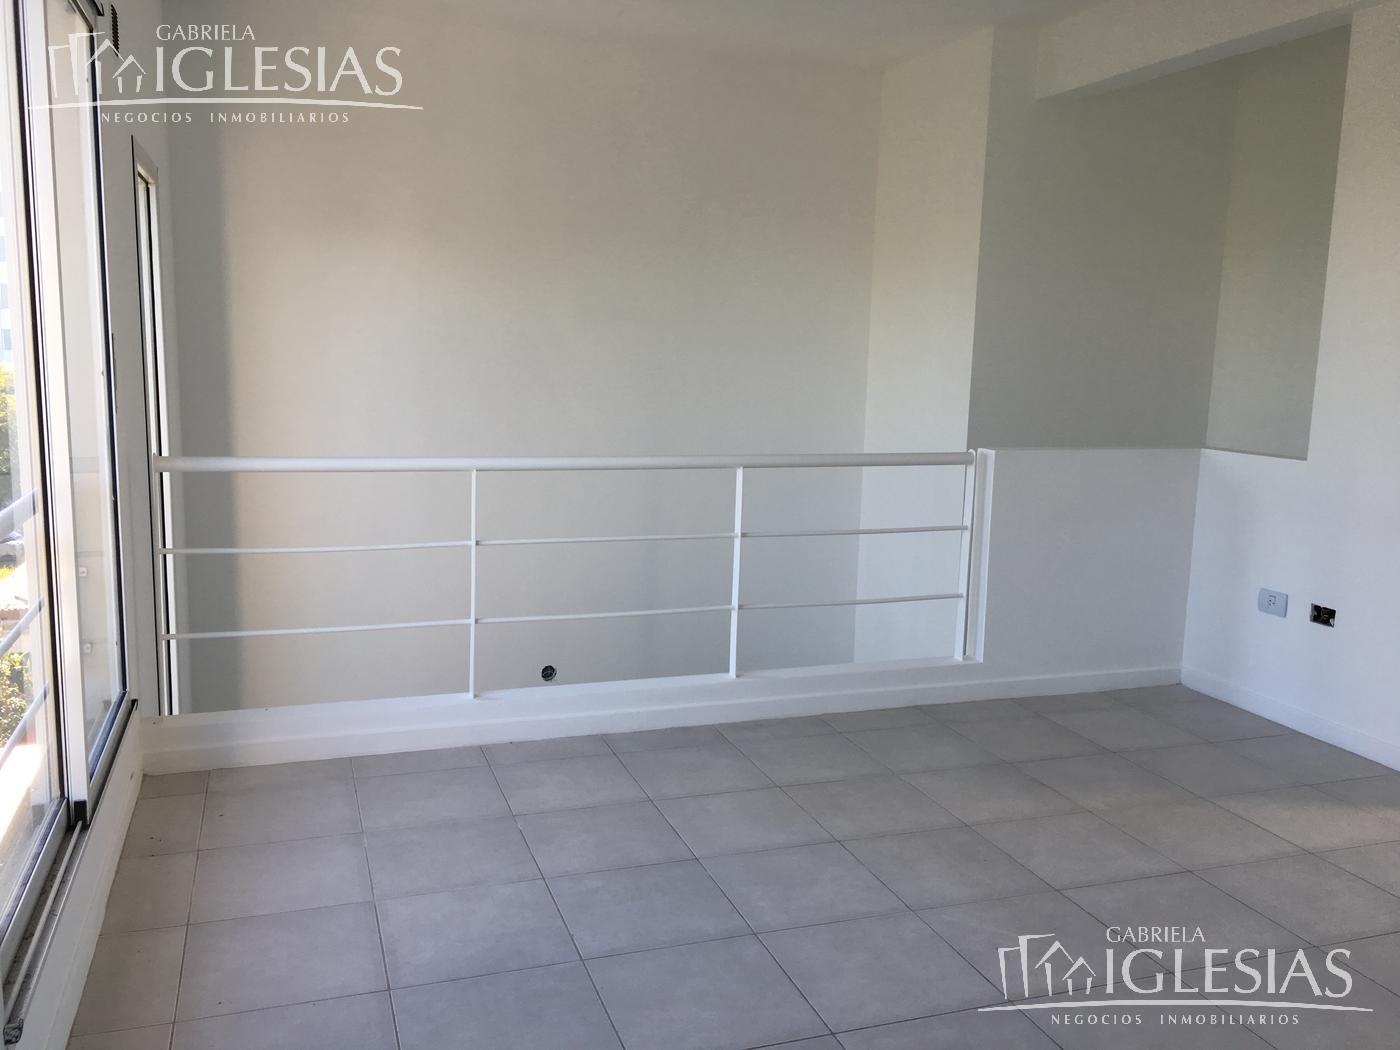 Departamento en Venta en Homes II a Venta - u$s 130.000